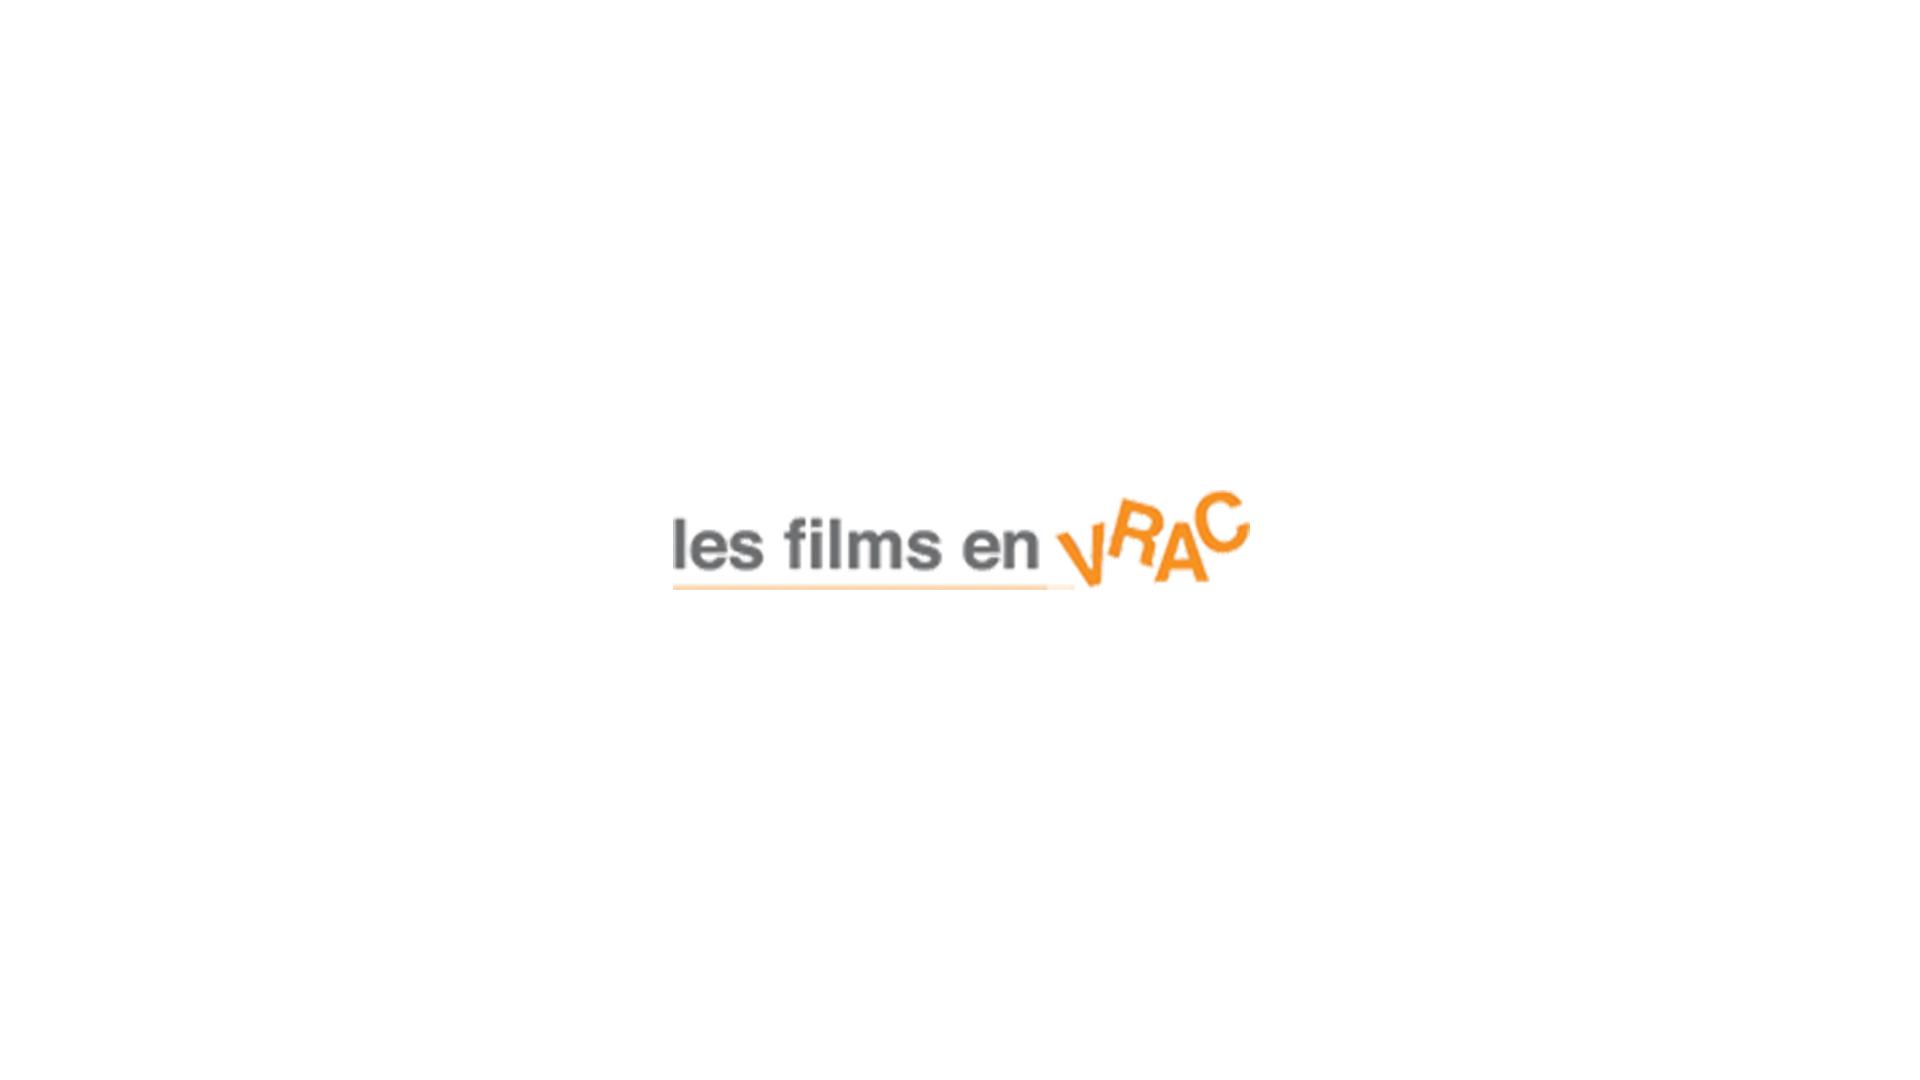 les films en VRAC